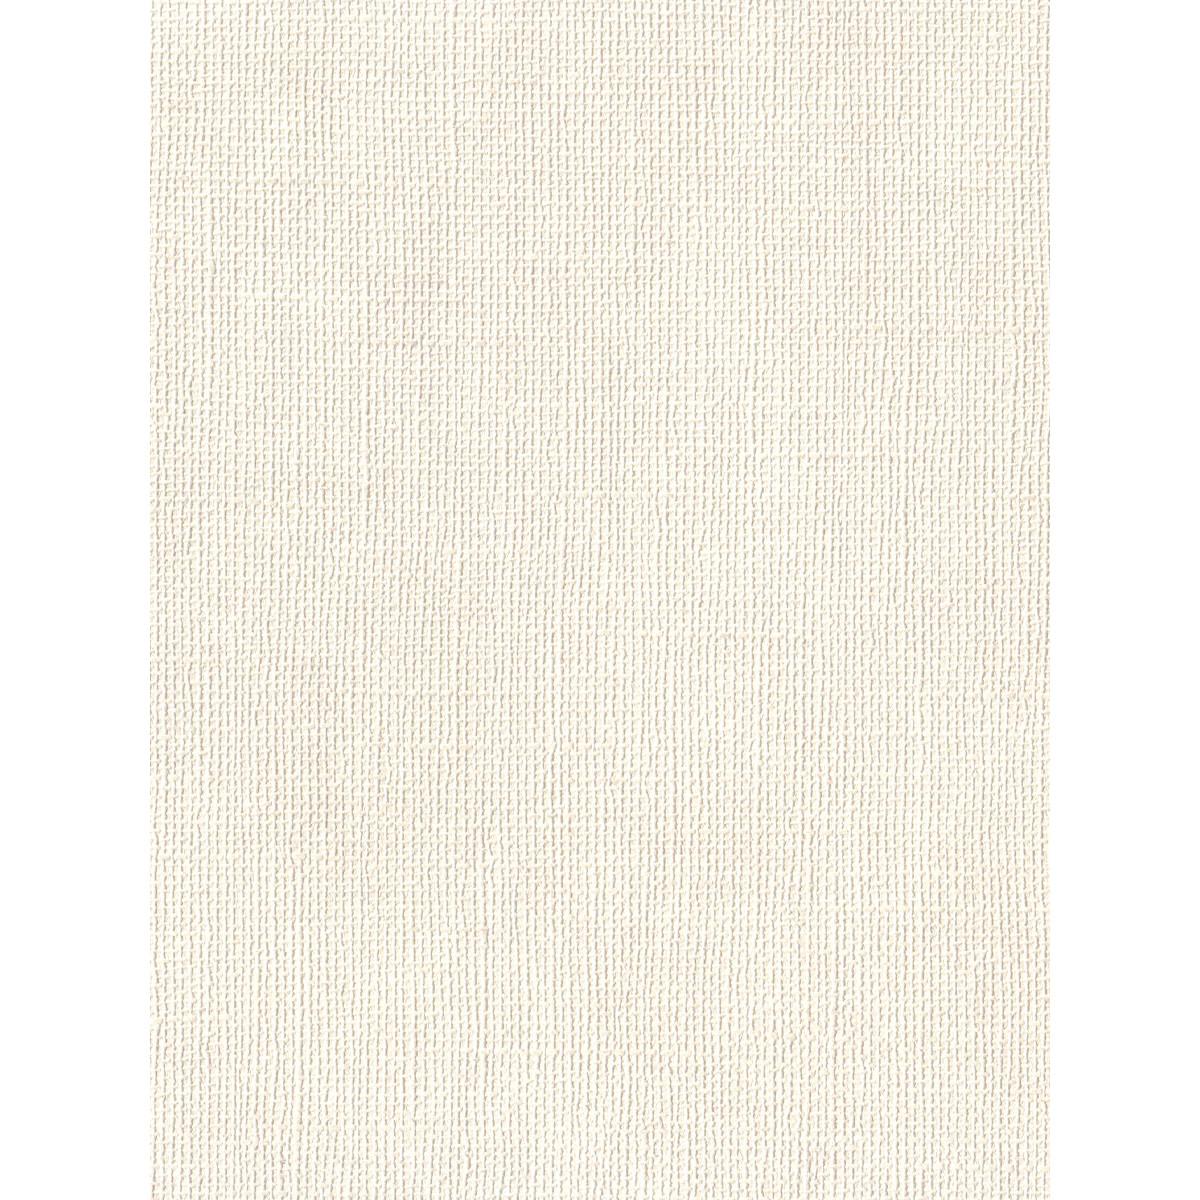 Обои флизелиновые Euro Decor Remy белые 7061-00 1.06 м